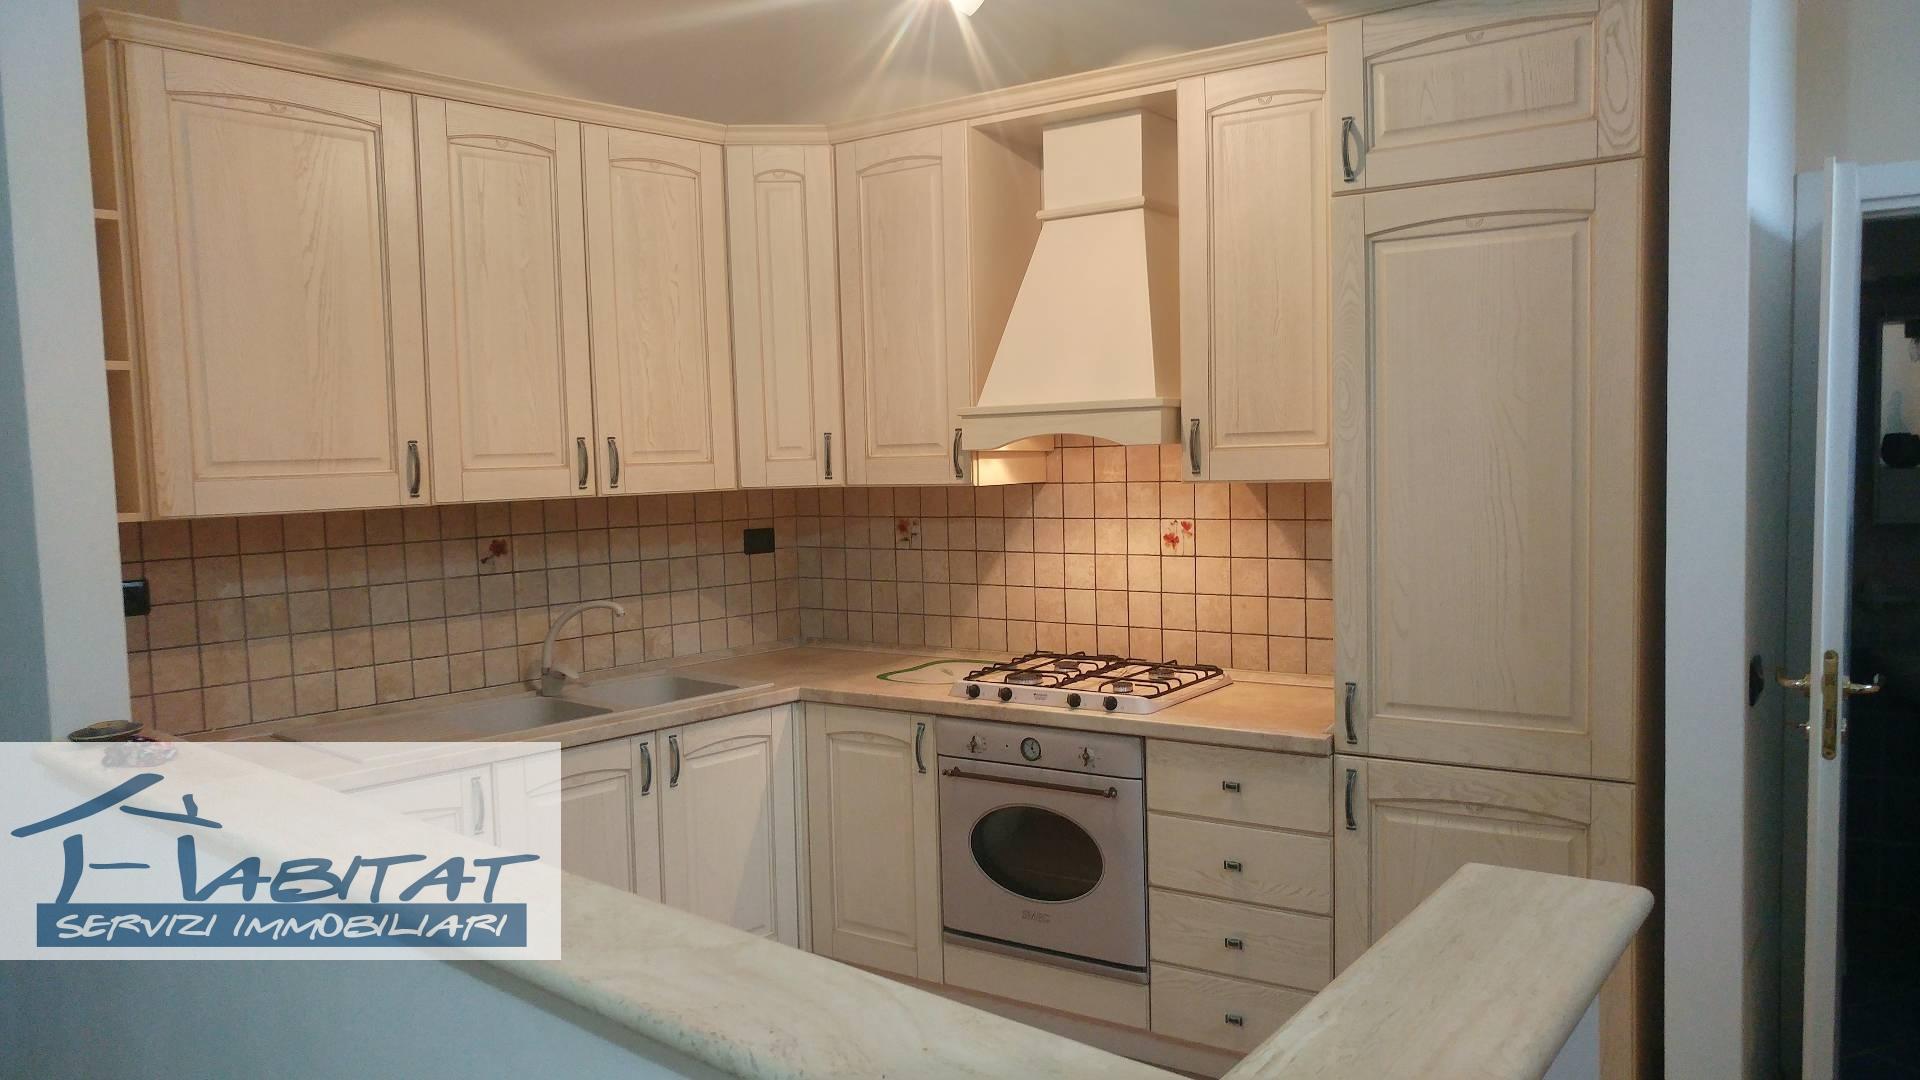 Appartamento in affitto a Agrigento, 3 locali, zona Zona: Centro, prezzo € 300 | CambioCasa.it